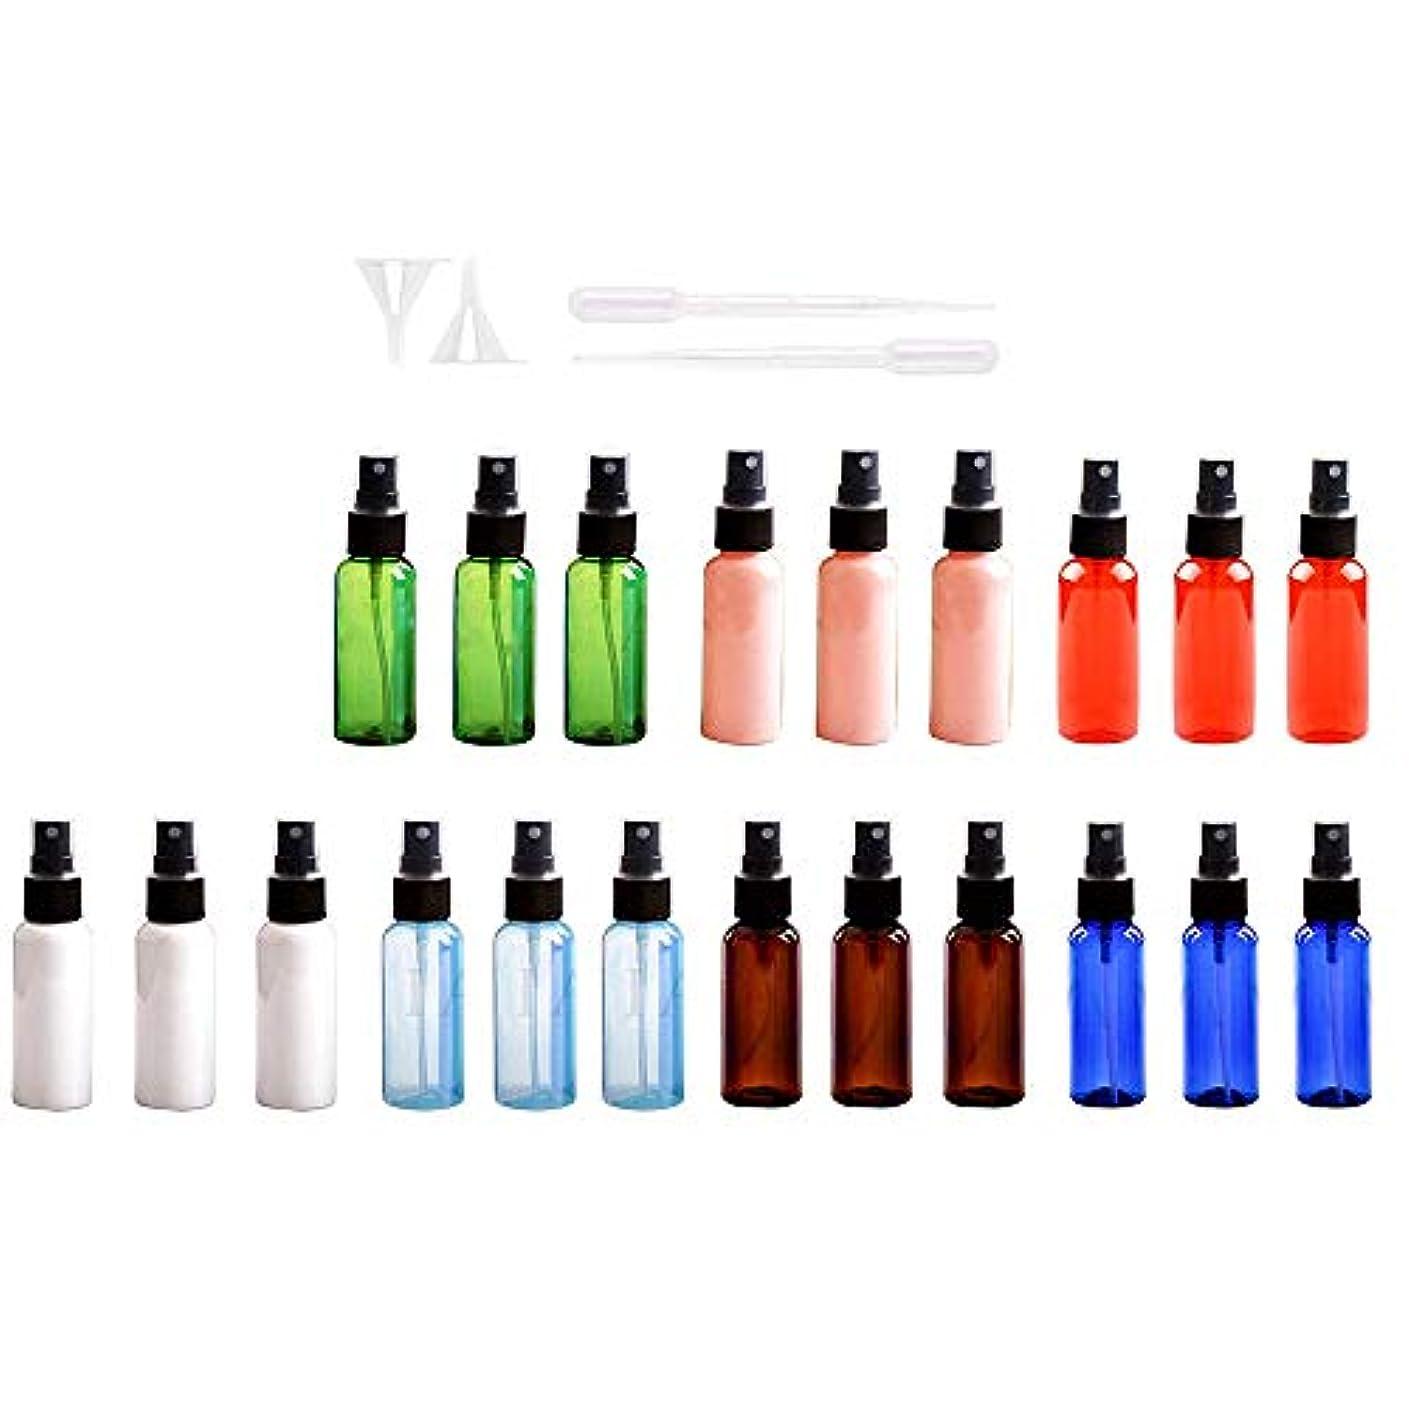 ジャグリングポルティコ売り手スプレーボトル 21本セット 詰替ボトル 遮光 空容器 霧吹き30ML 遮光瓶スプレーキャップ付 プラスチック製